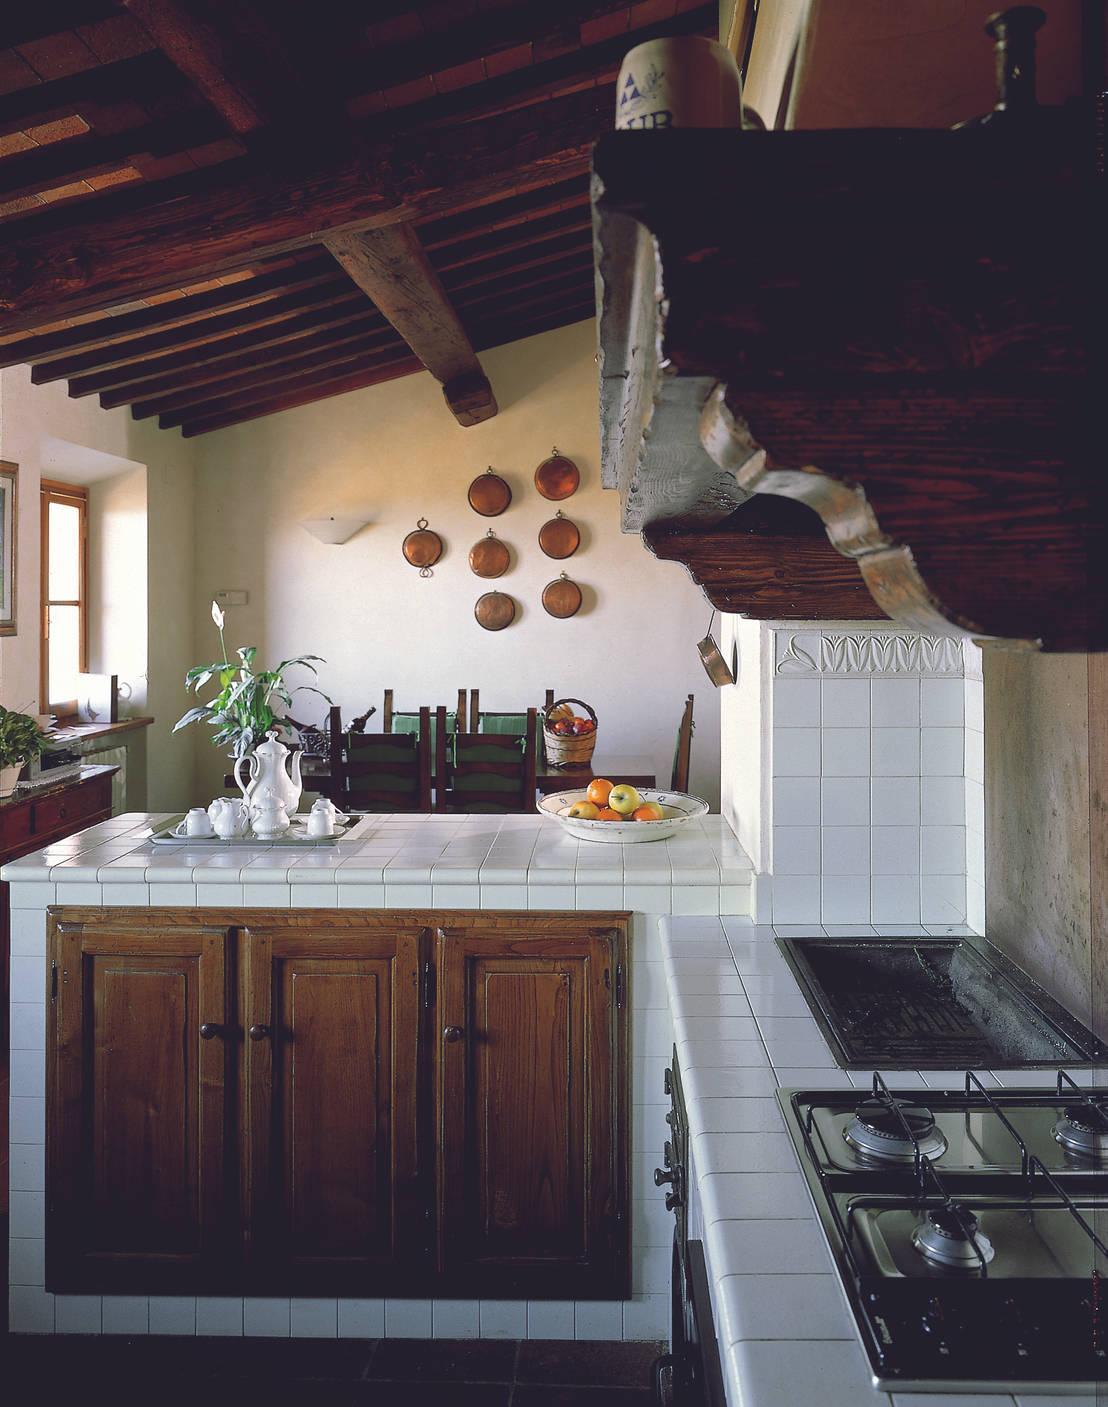 Cucine country chic 10 idee da copiare - Cocinas camperas rusticas ...